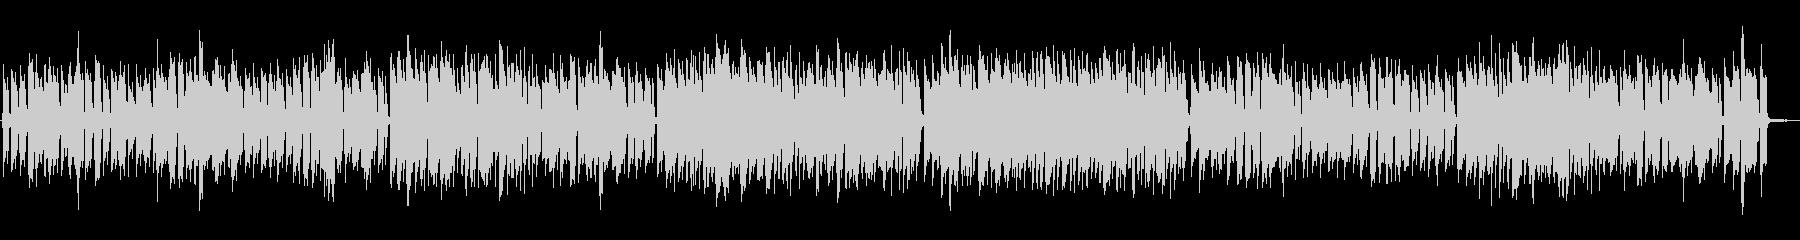 ピアノ・トリオNo.5/伴奏のみの未再生の波形